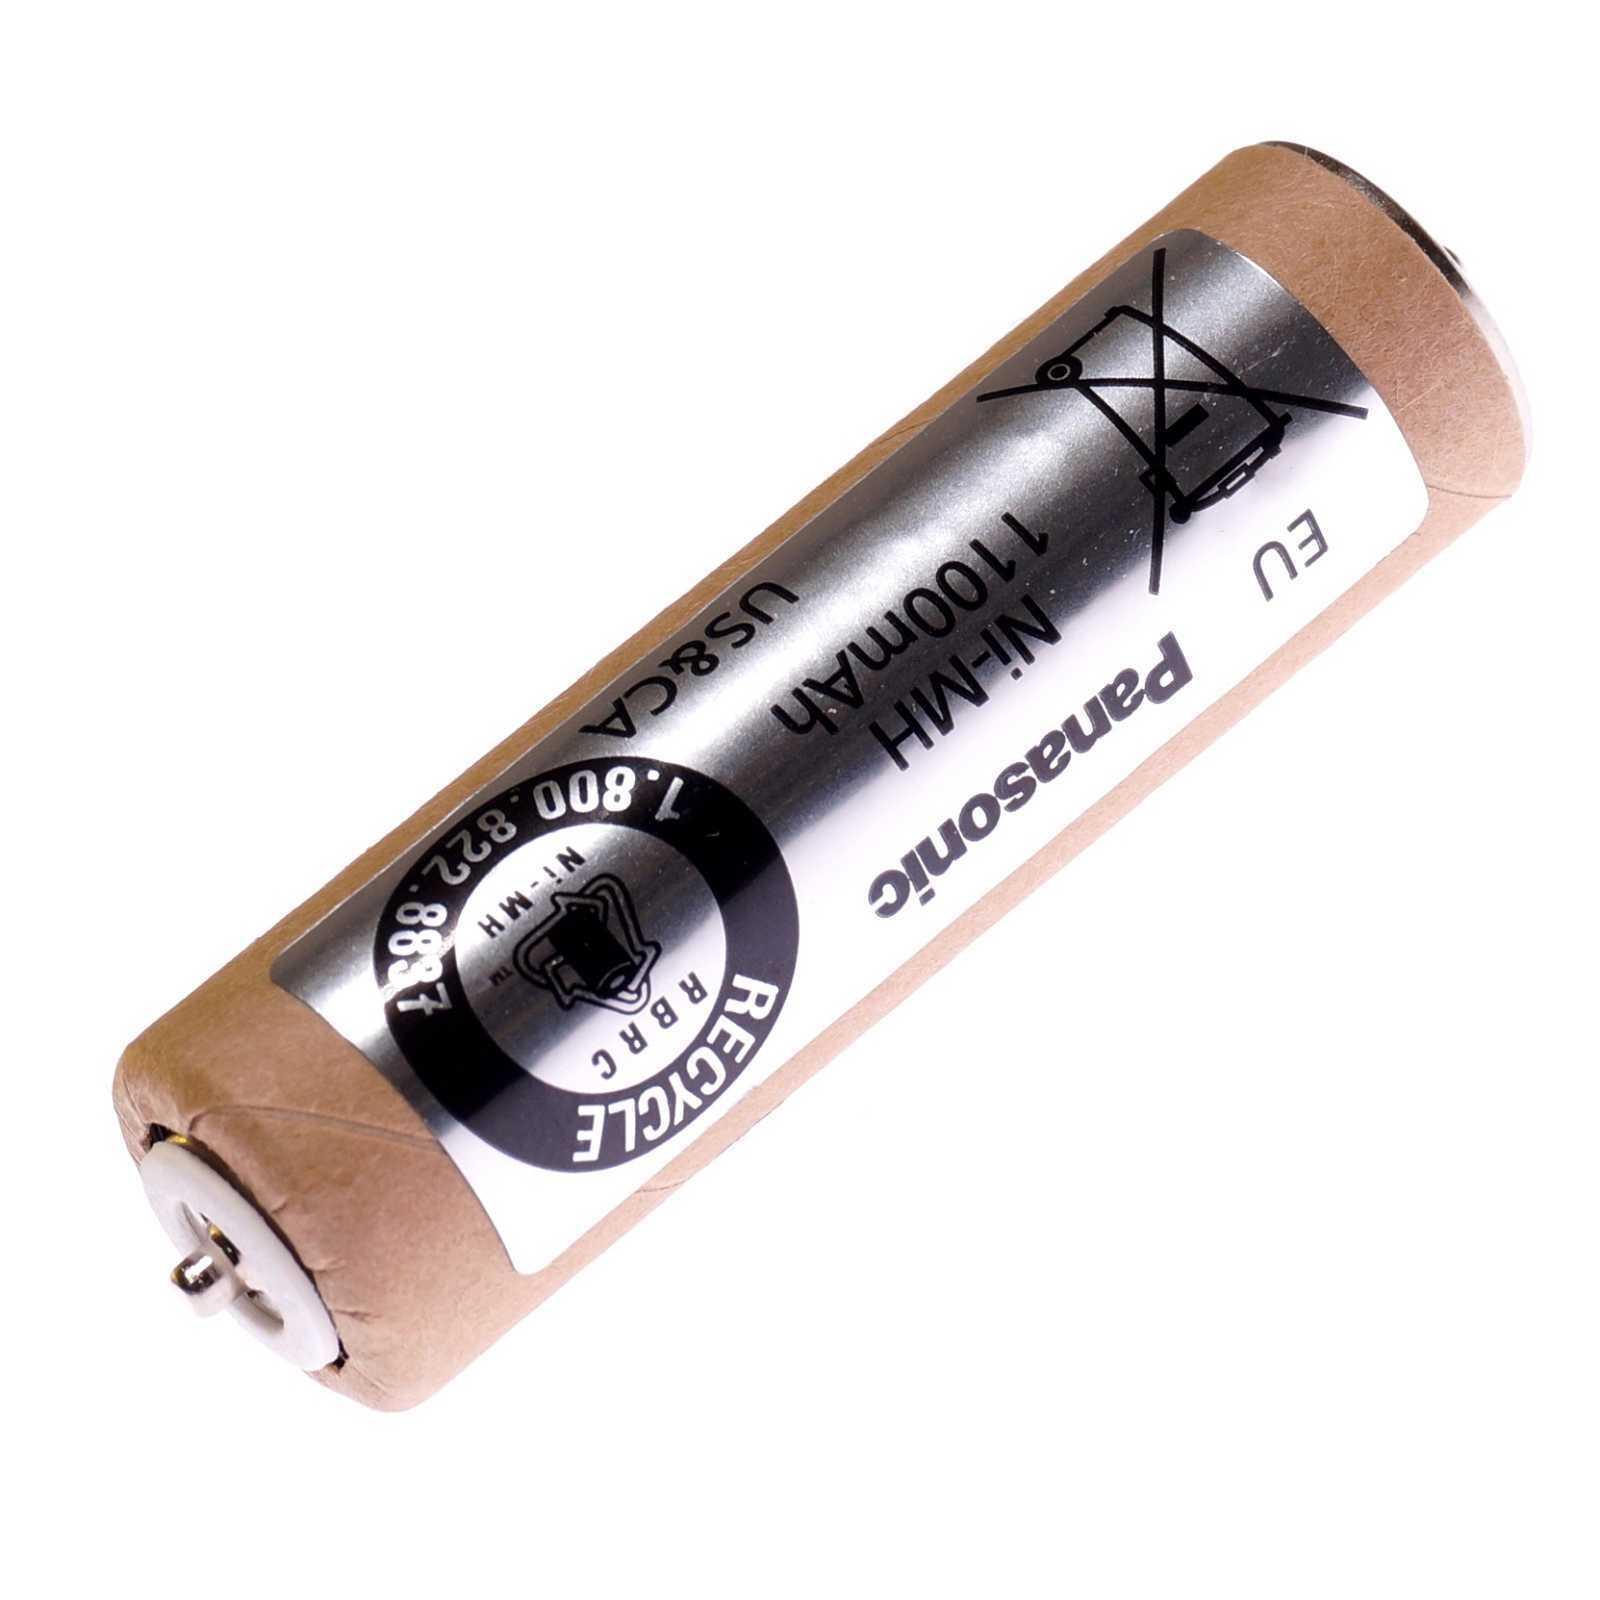 ES8163 Original Panasonic Akku für ES8162 ES8164 ES8167 Rasierer